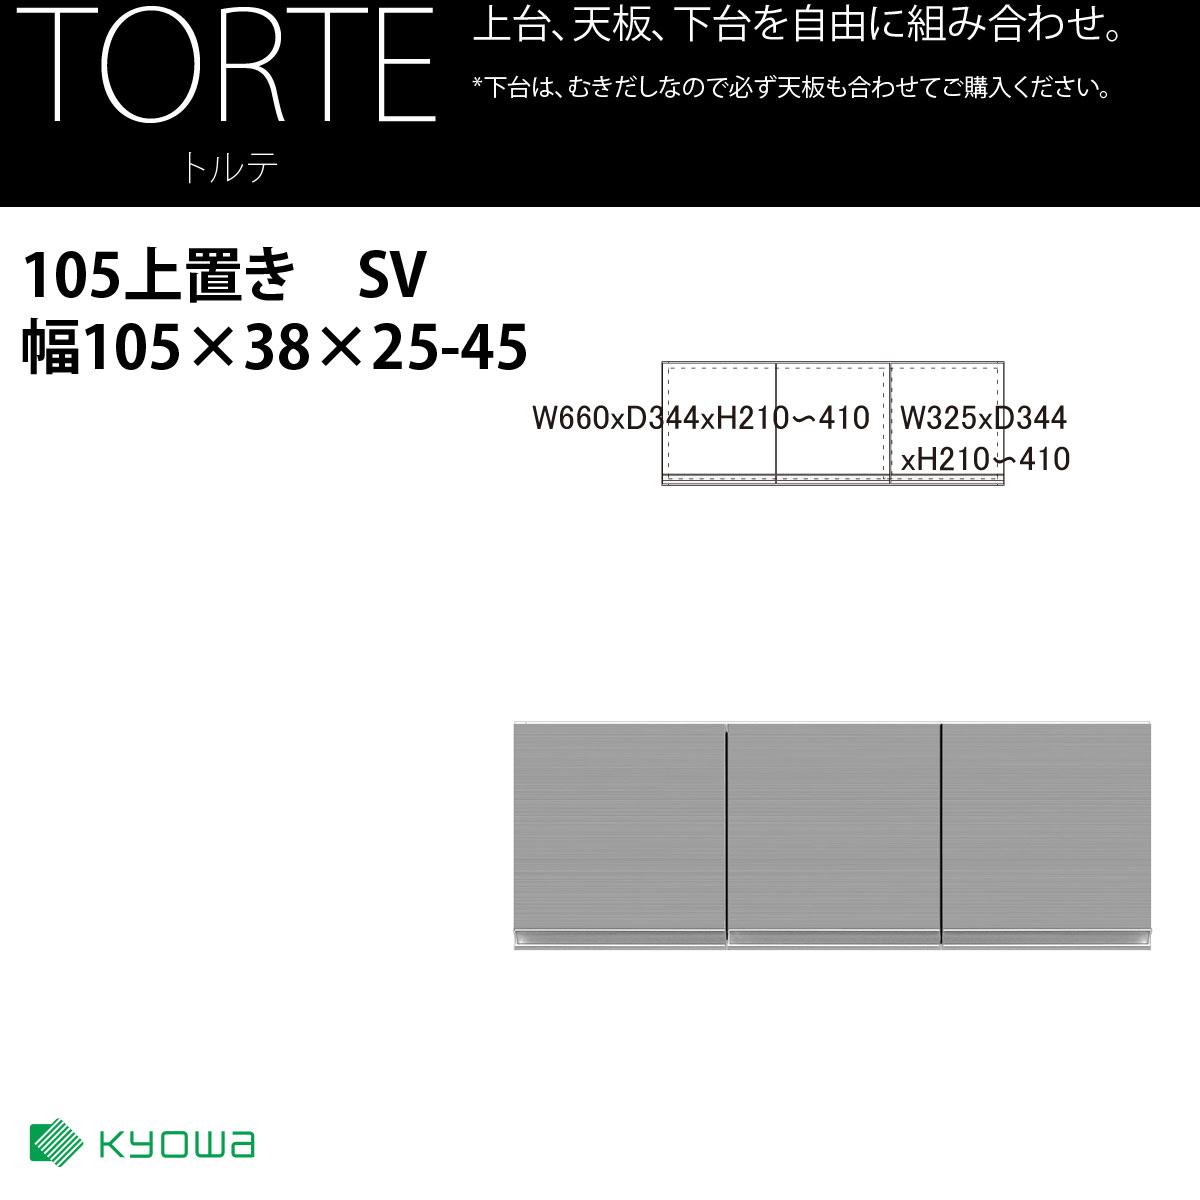 共和産業 トルテ 高さオーダー上置き 105 シルバー【幅105×高さ25-45cm】 日本製 国産